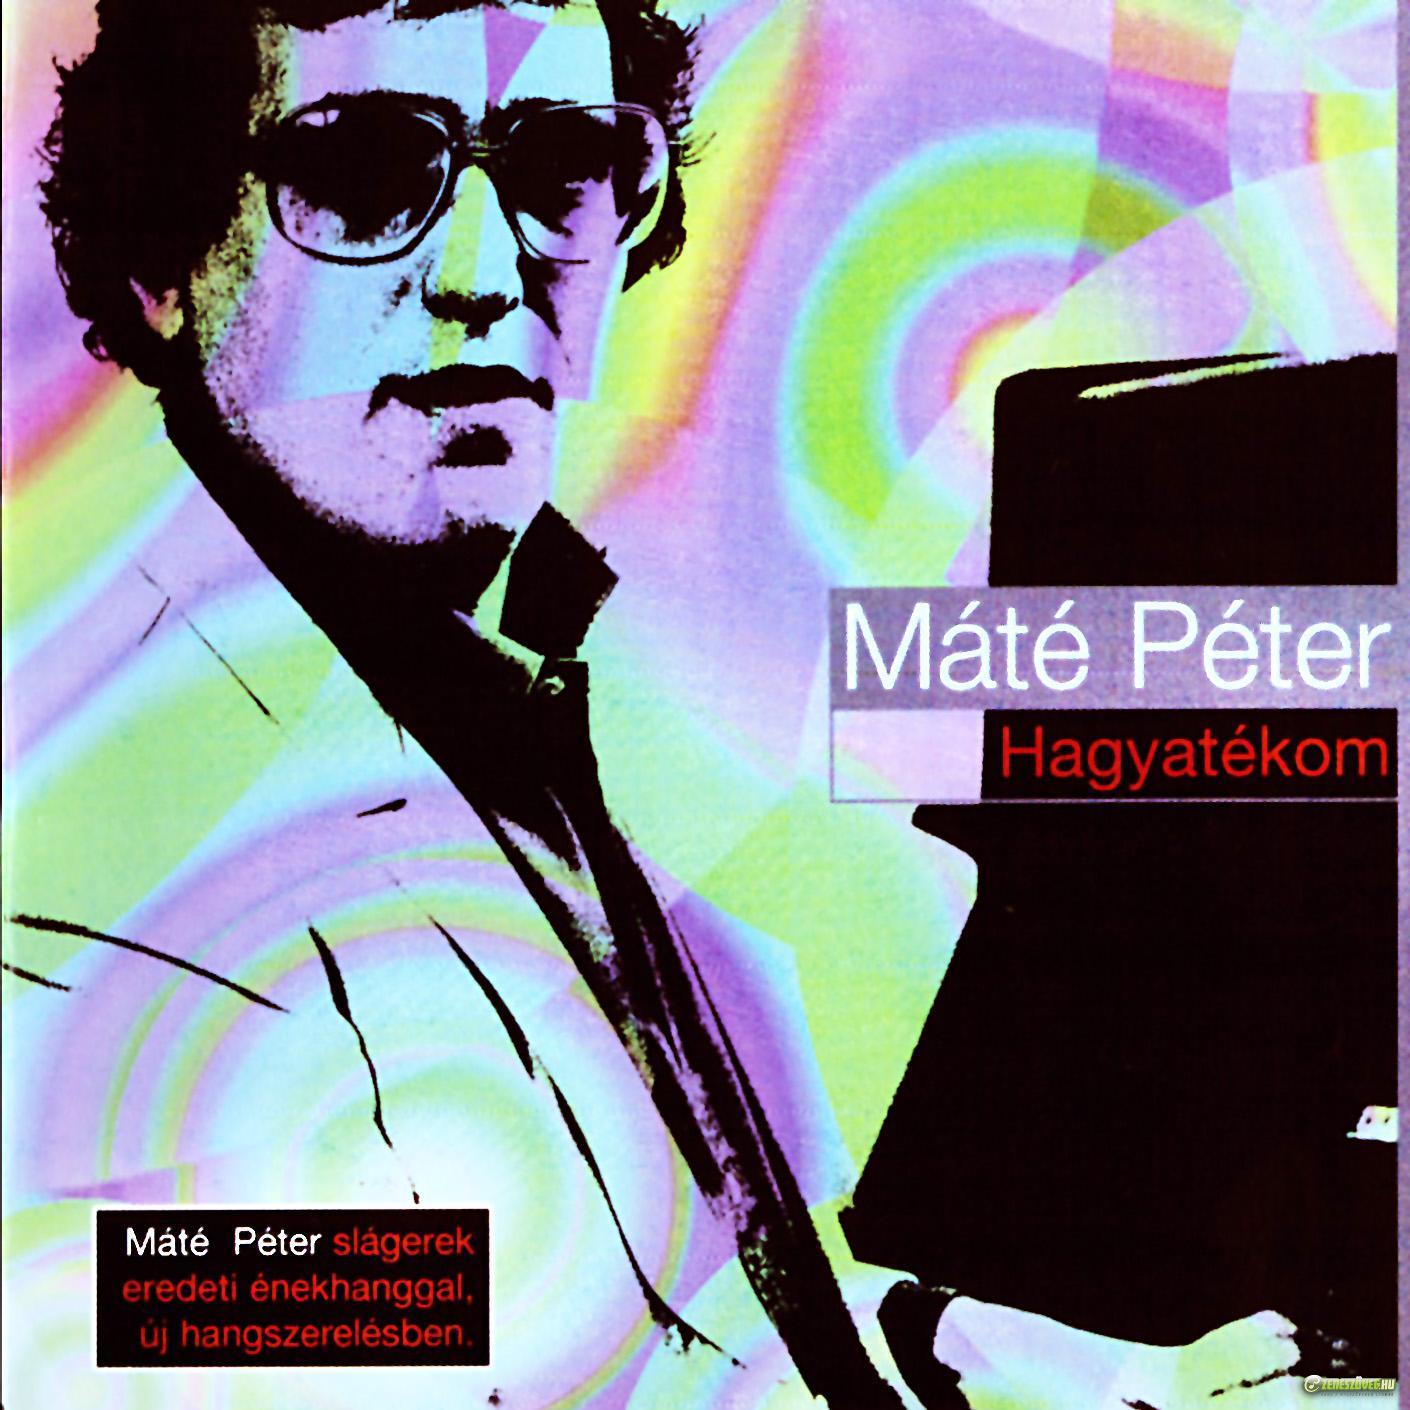 Máté Péter Hagyatékom